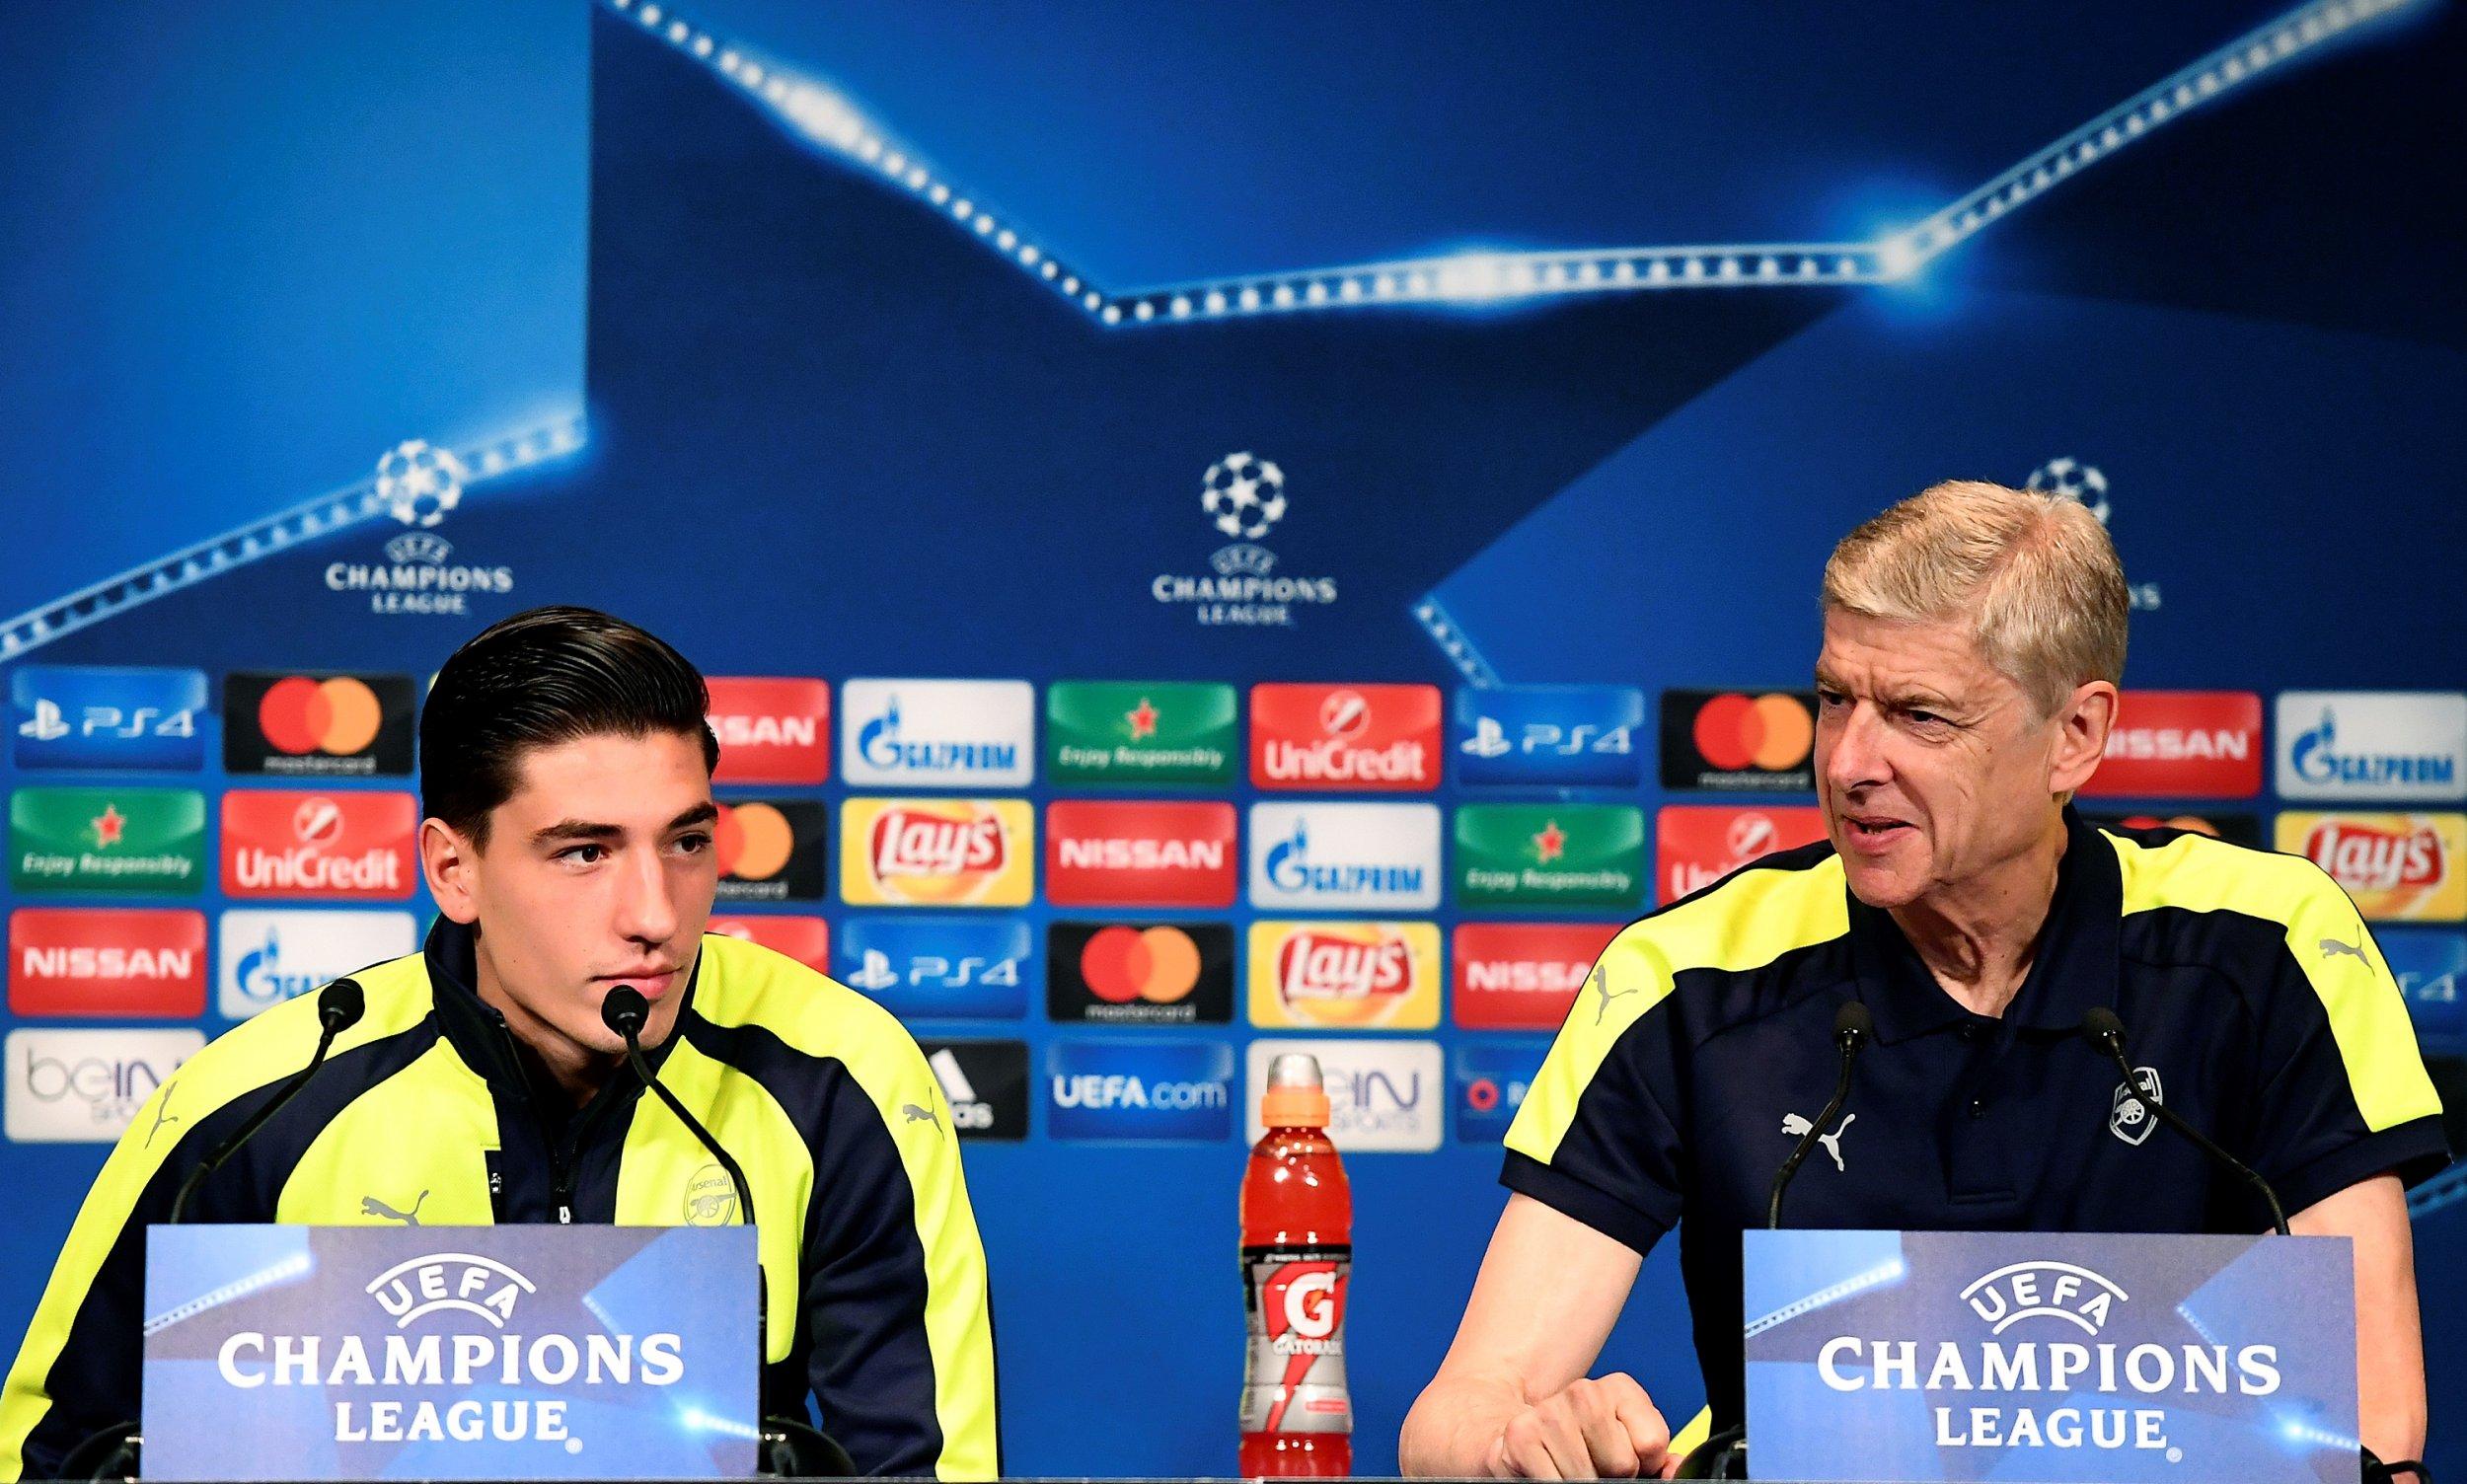 Arsenal defender Hector Bellerin, left, with manager Arsene Wenger.